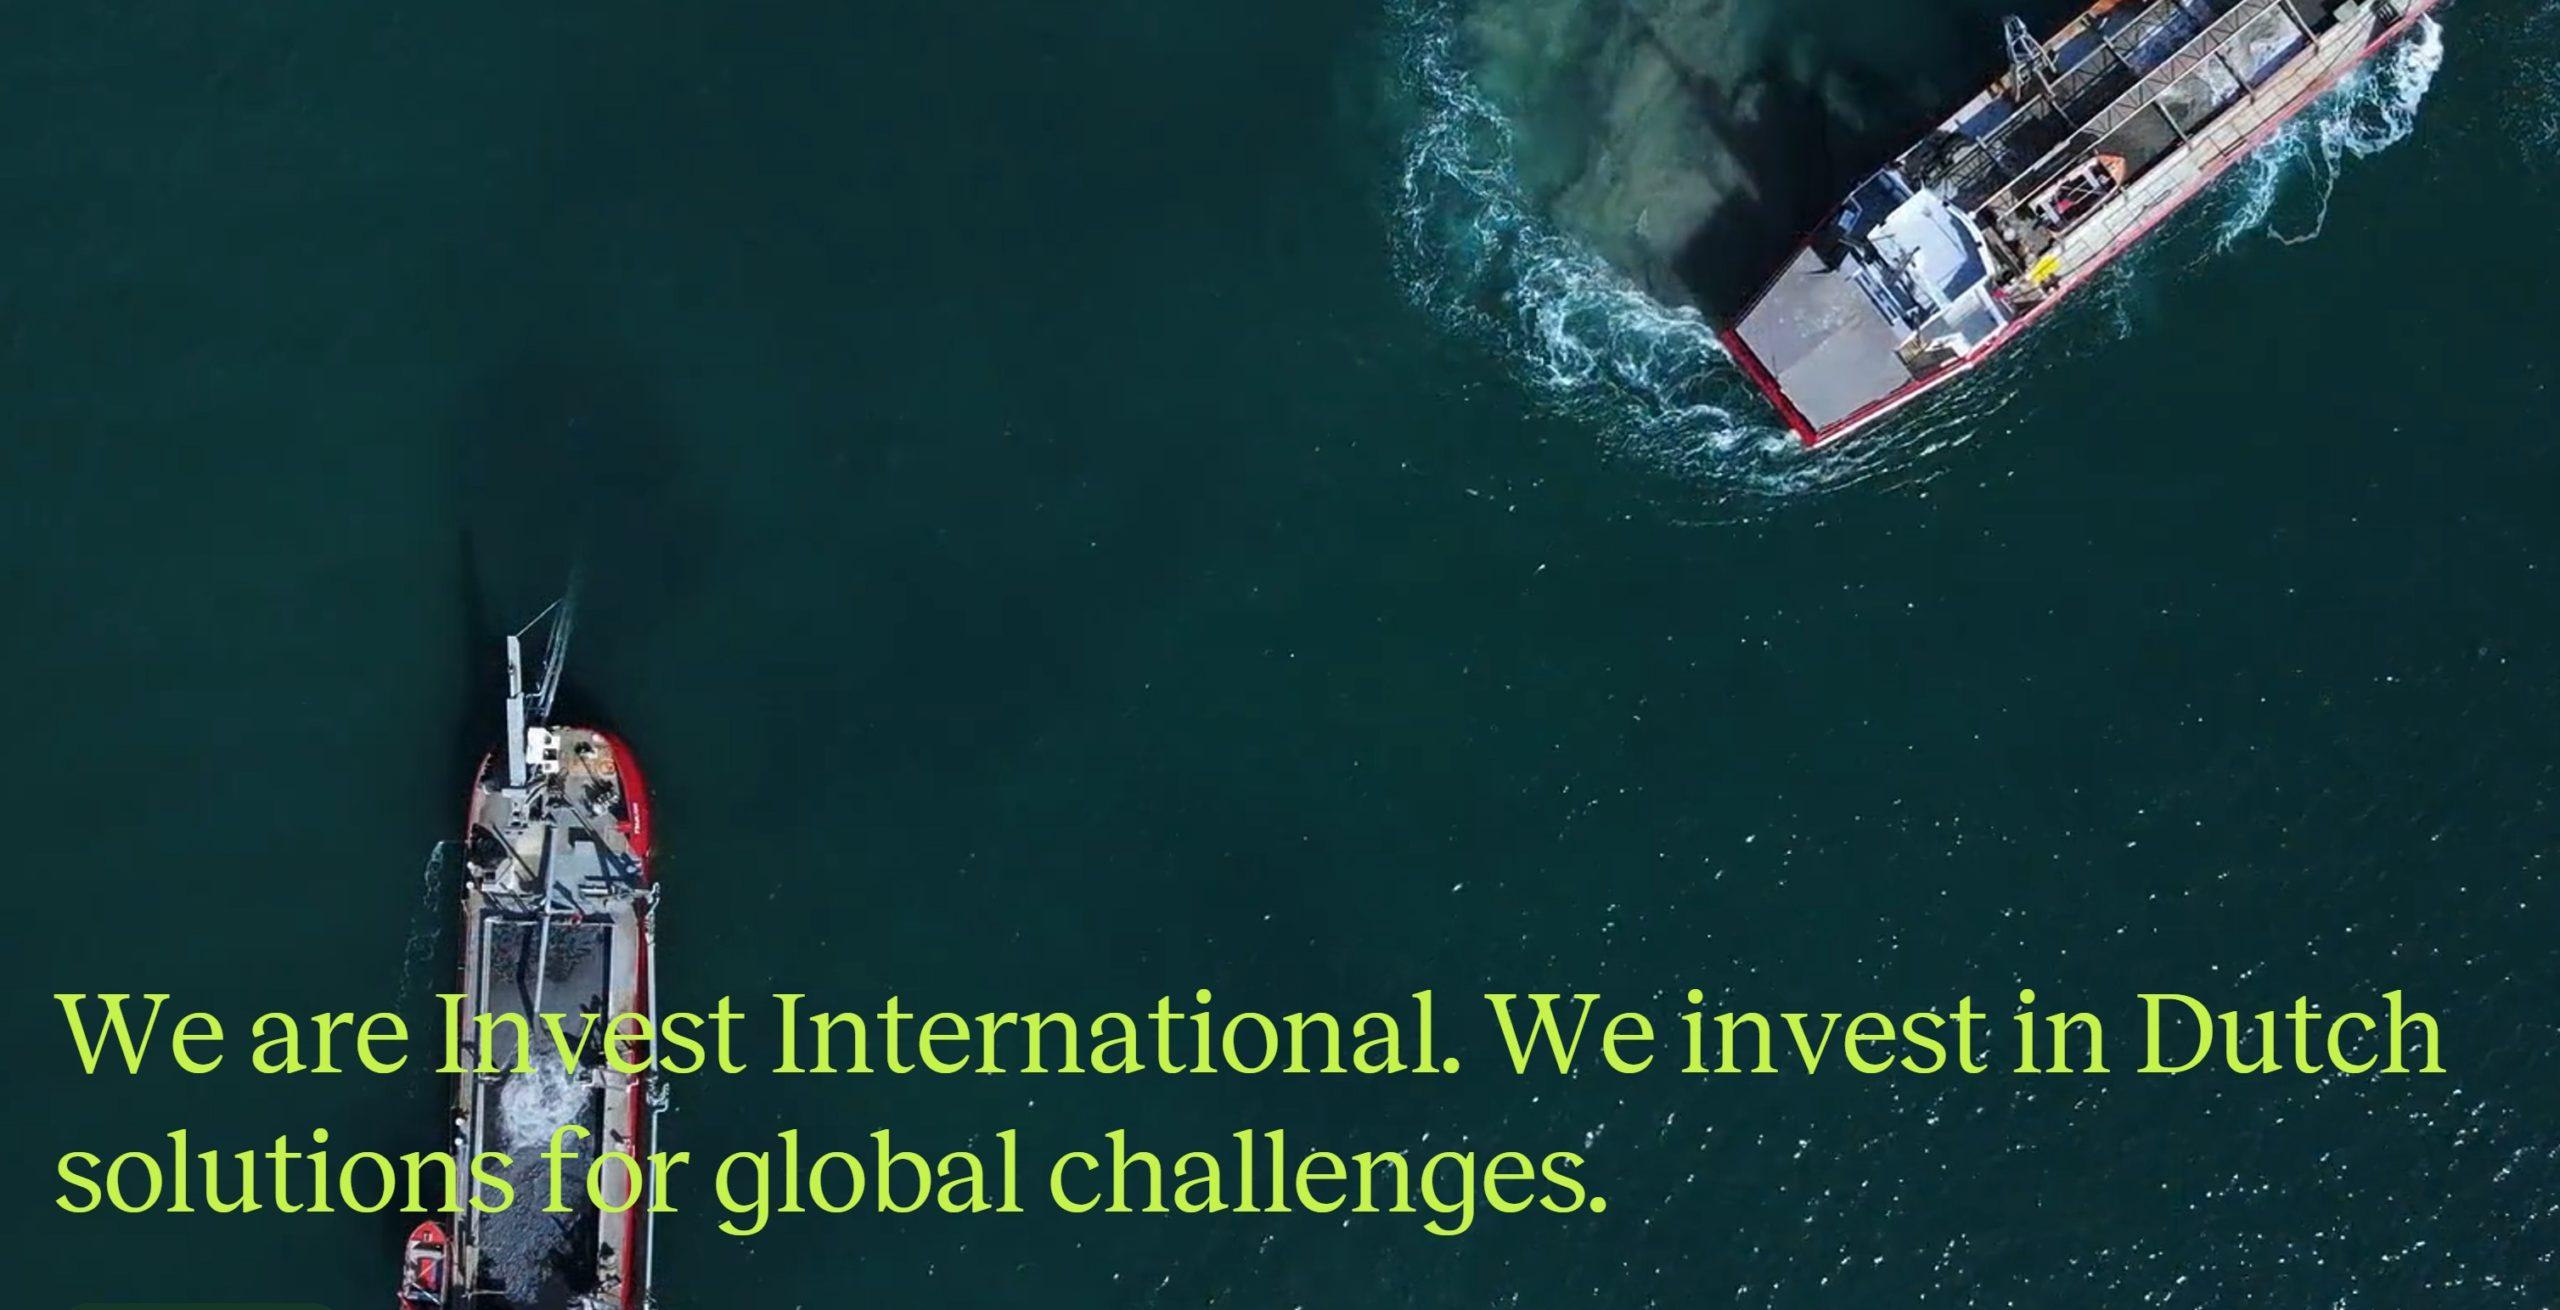 Invest International van start met financiering van Nederlandse oplossingen voor mondiale uitdagingen